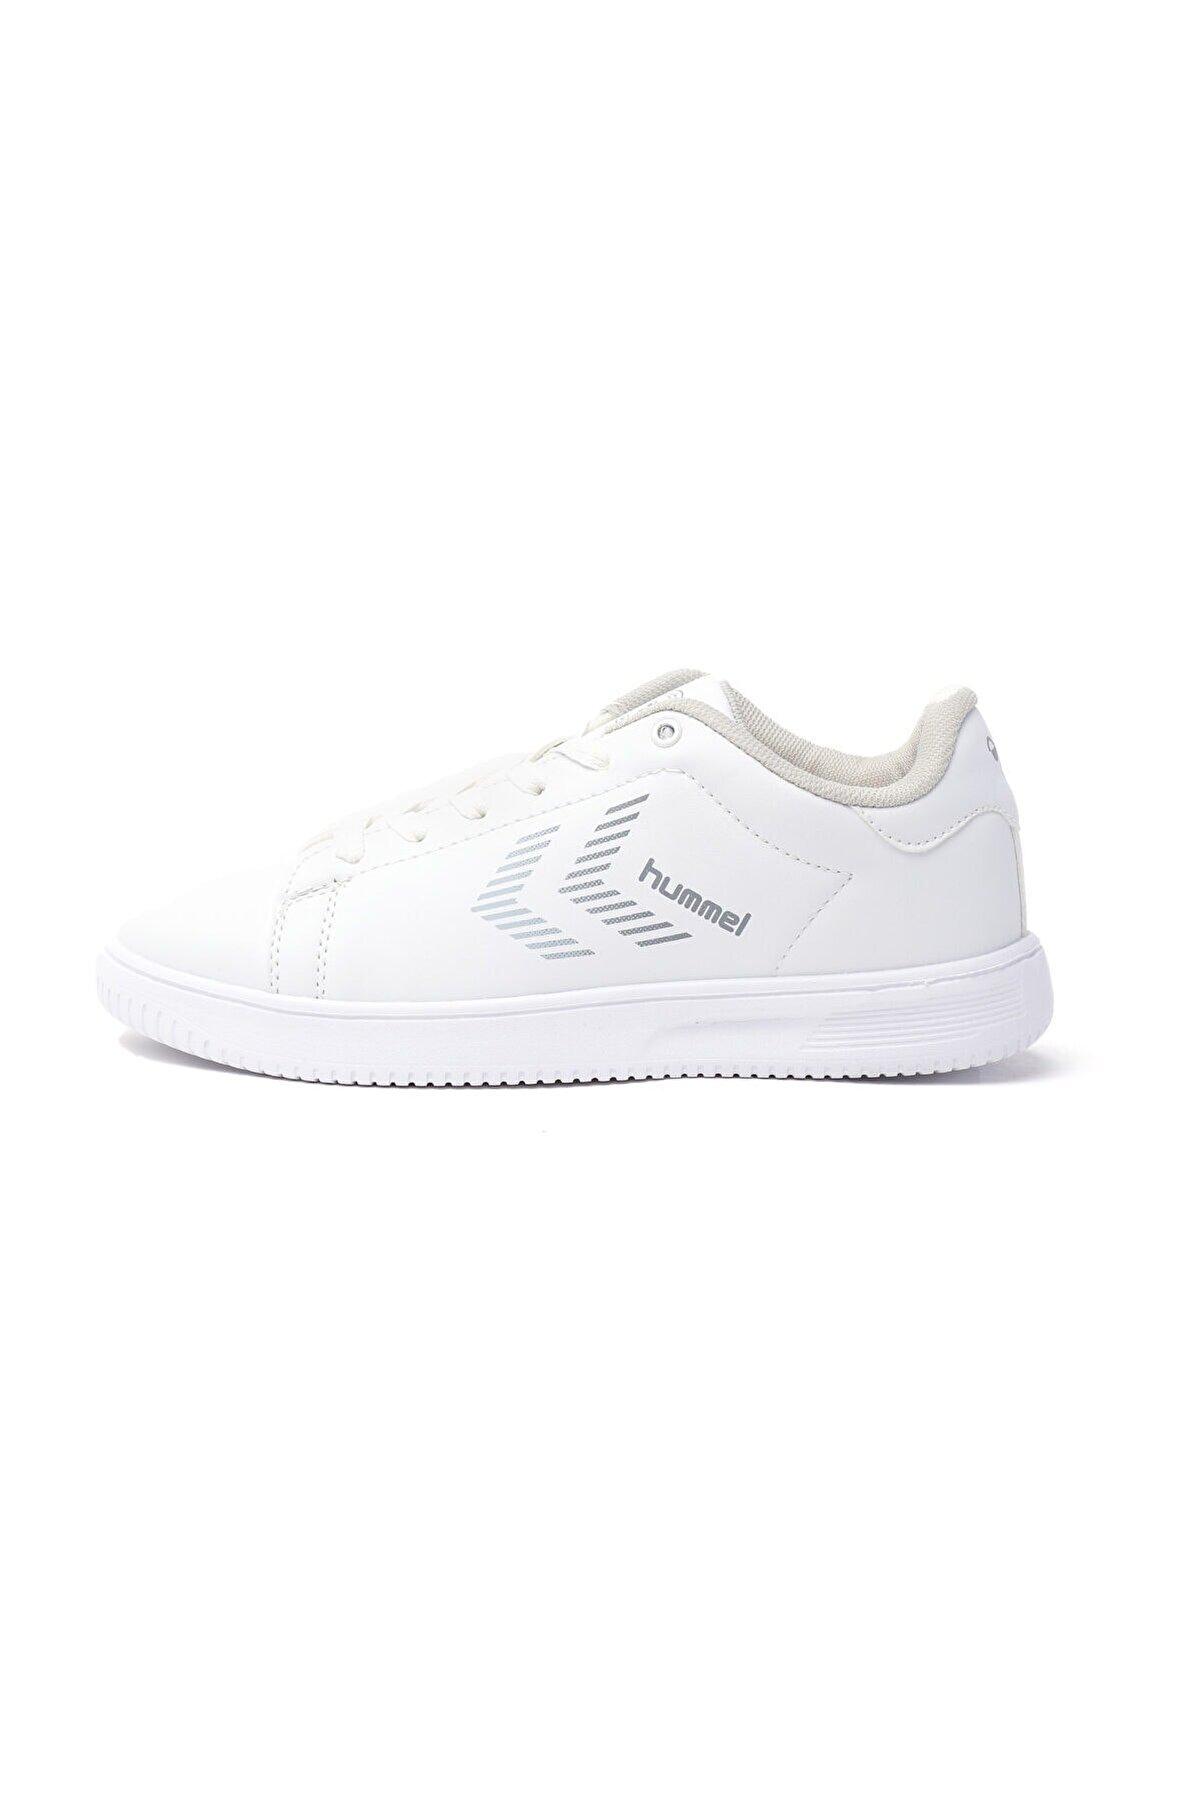 HUMMEL Vıborg Smu Sneaker Unisex Spor Ayakkabı Whıte 212150-9001